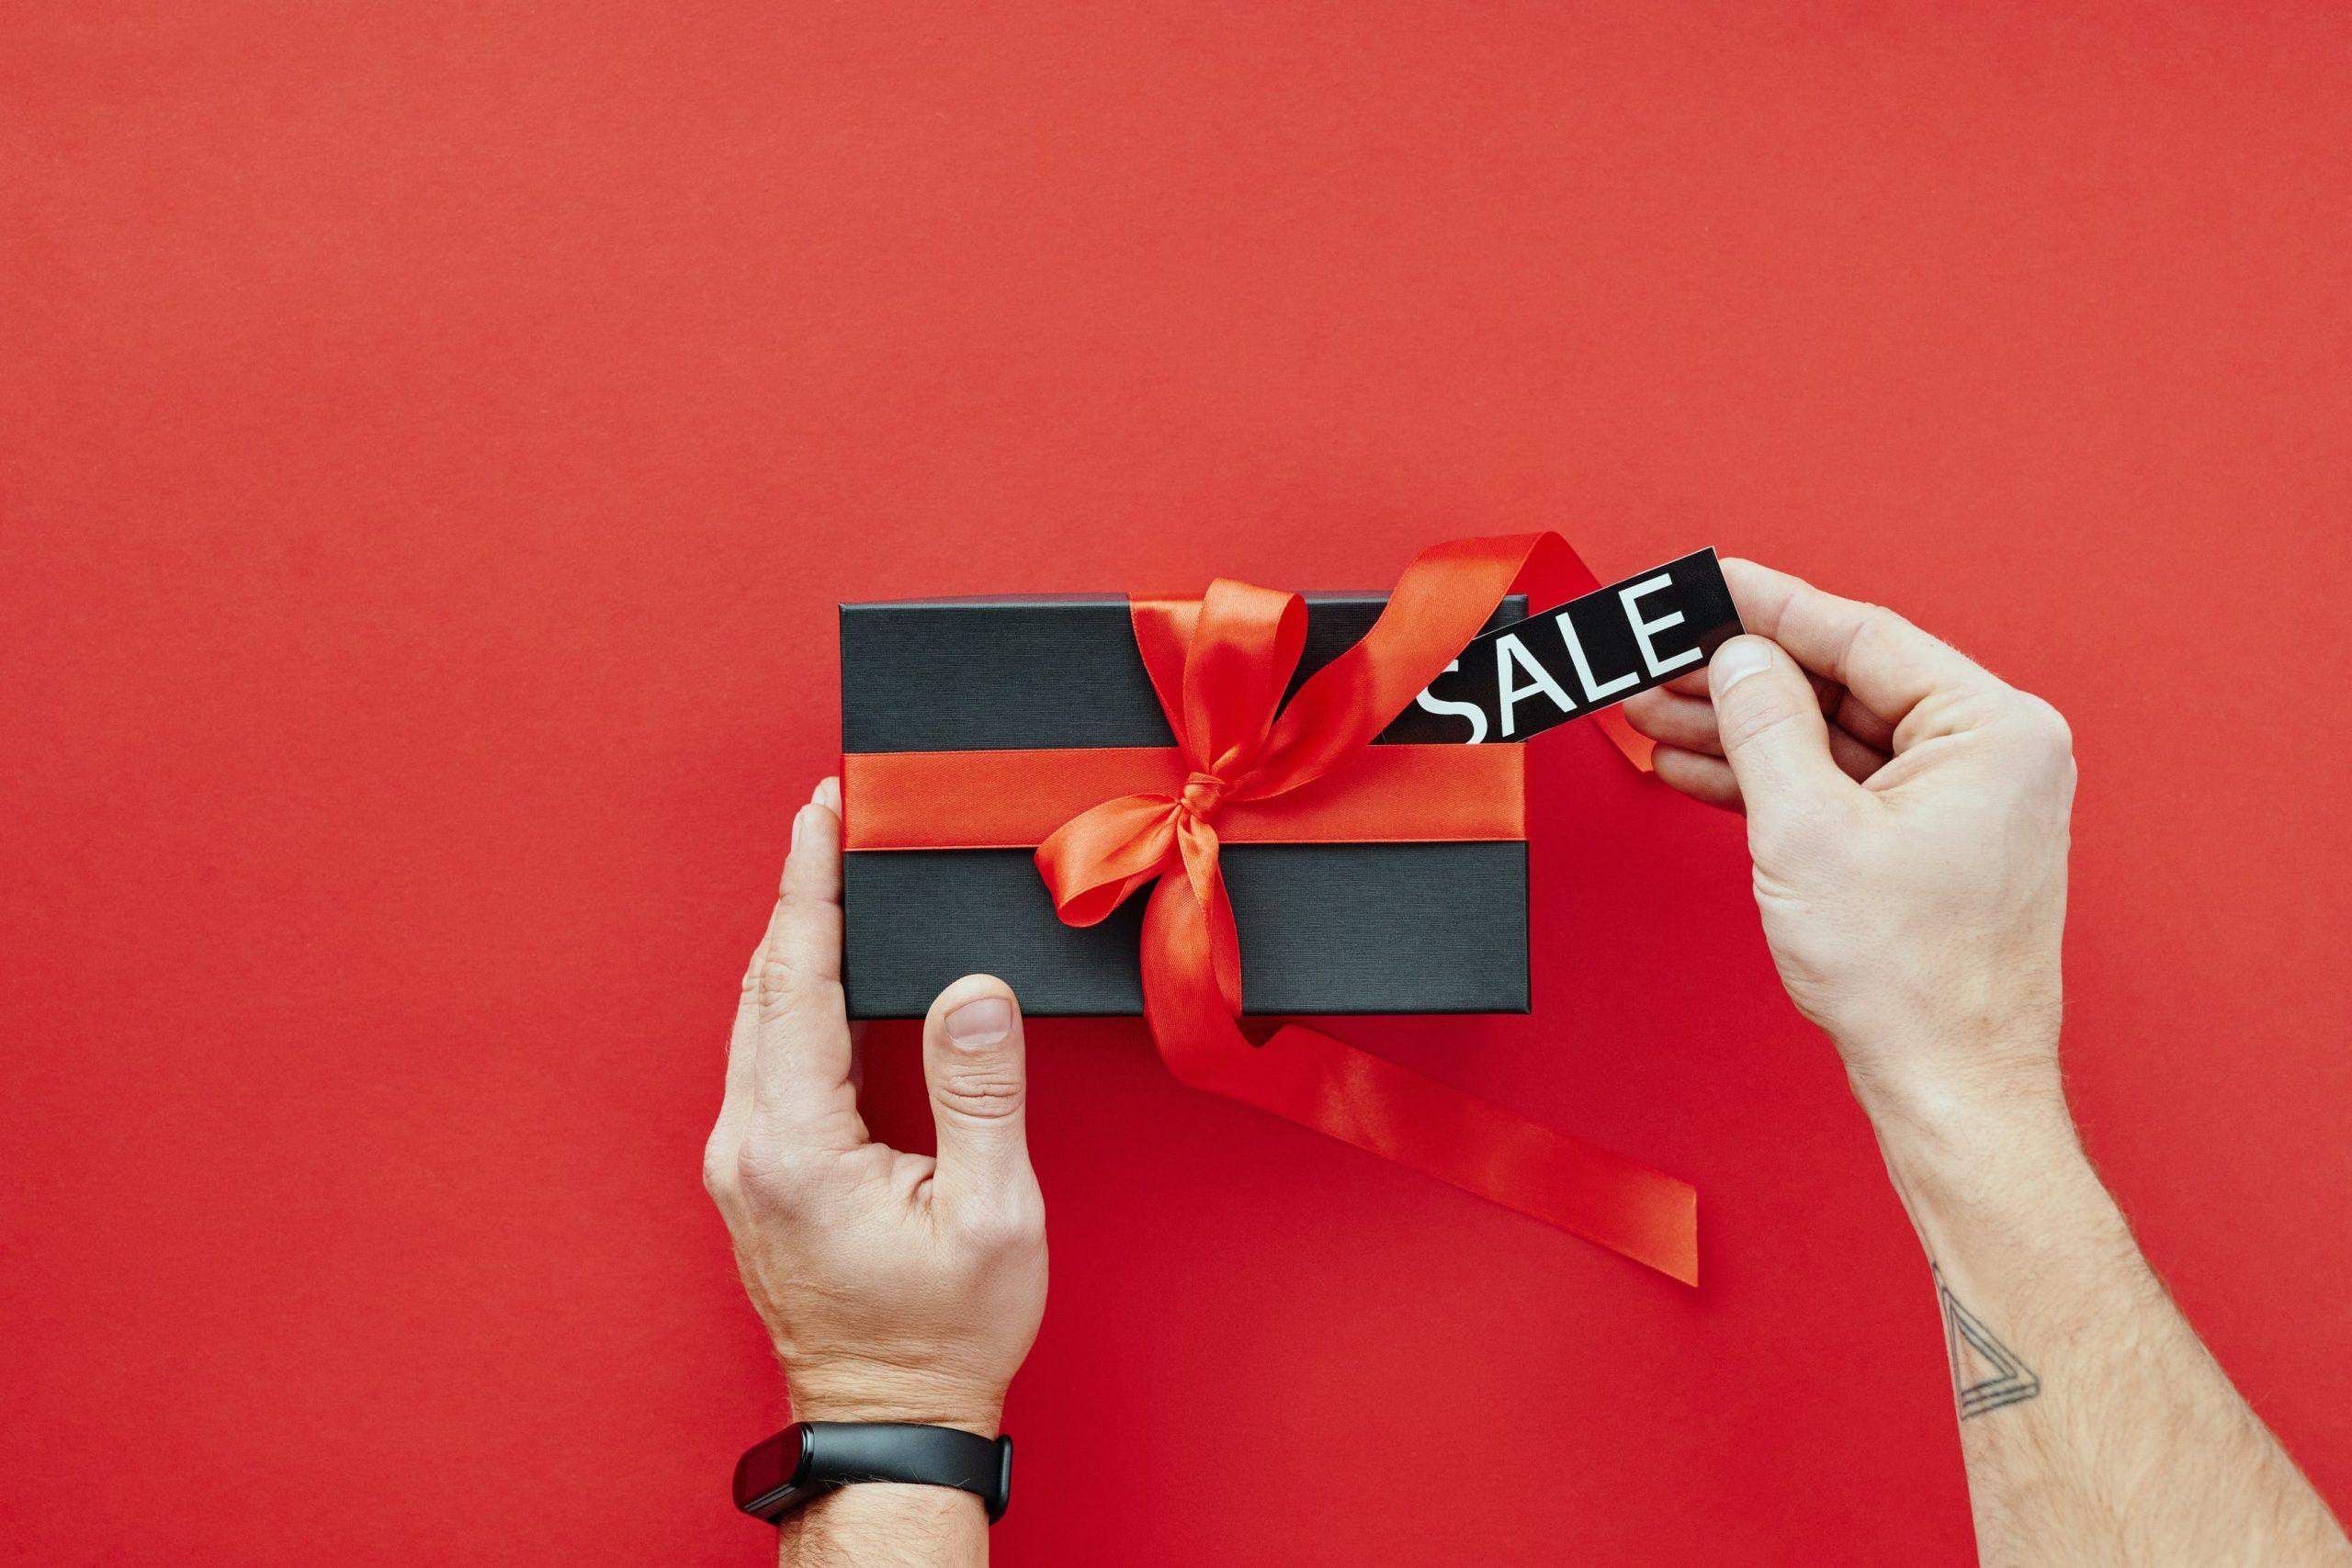 Efektivitas Souvenir Promosi dalam Pemasaran di Mata Masyarakat